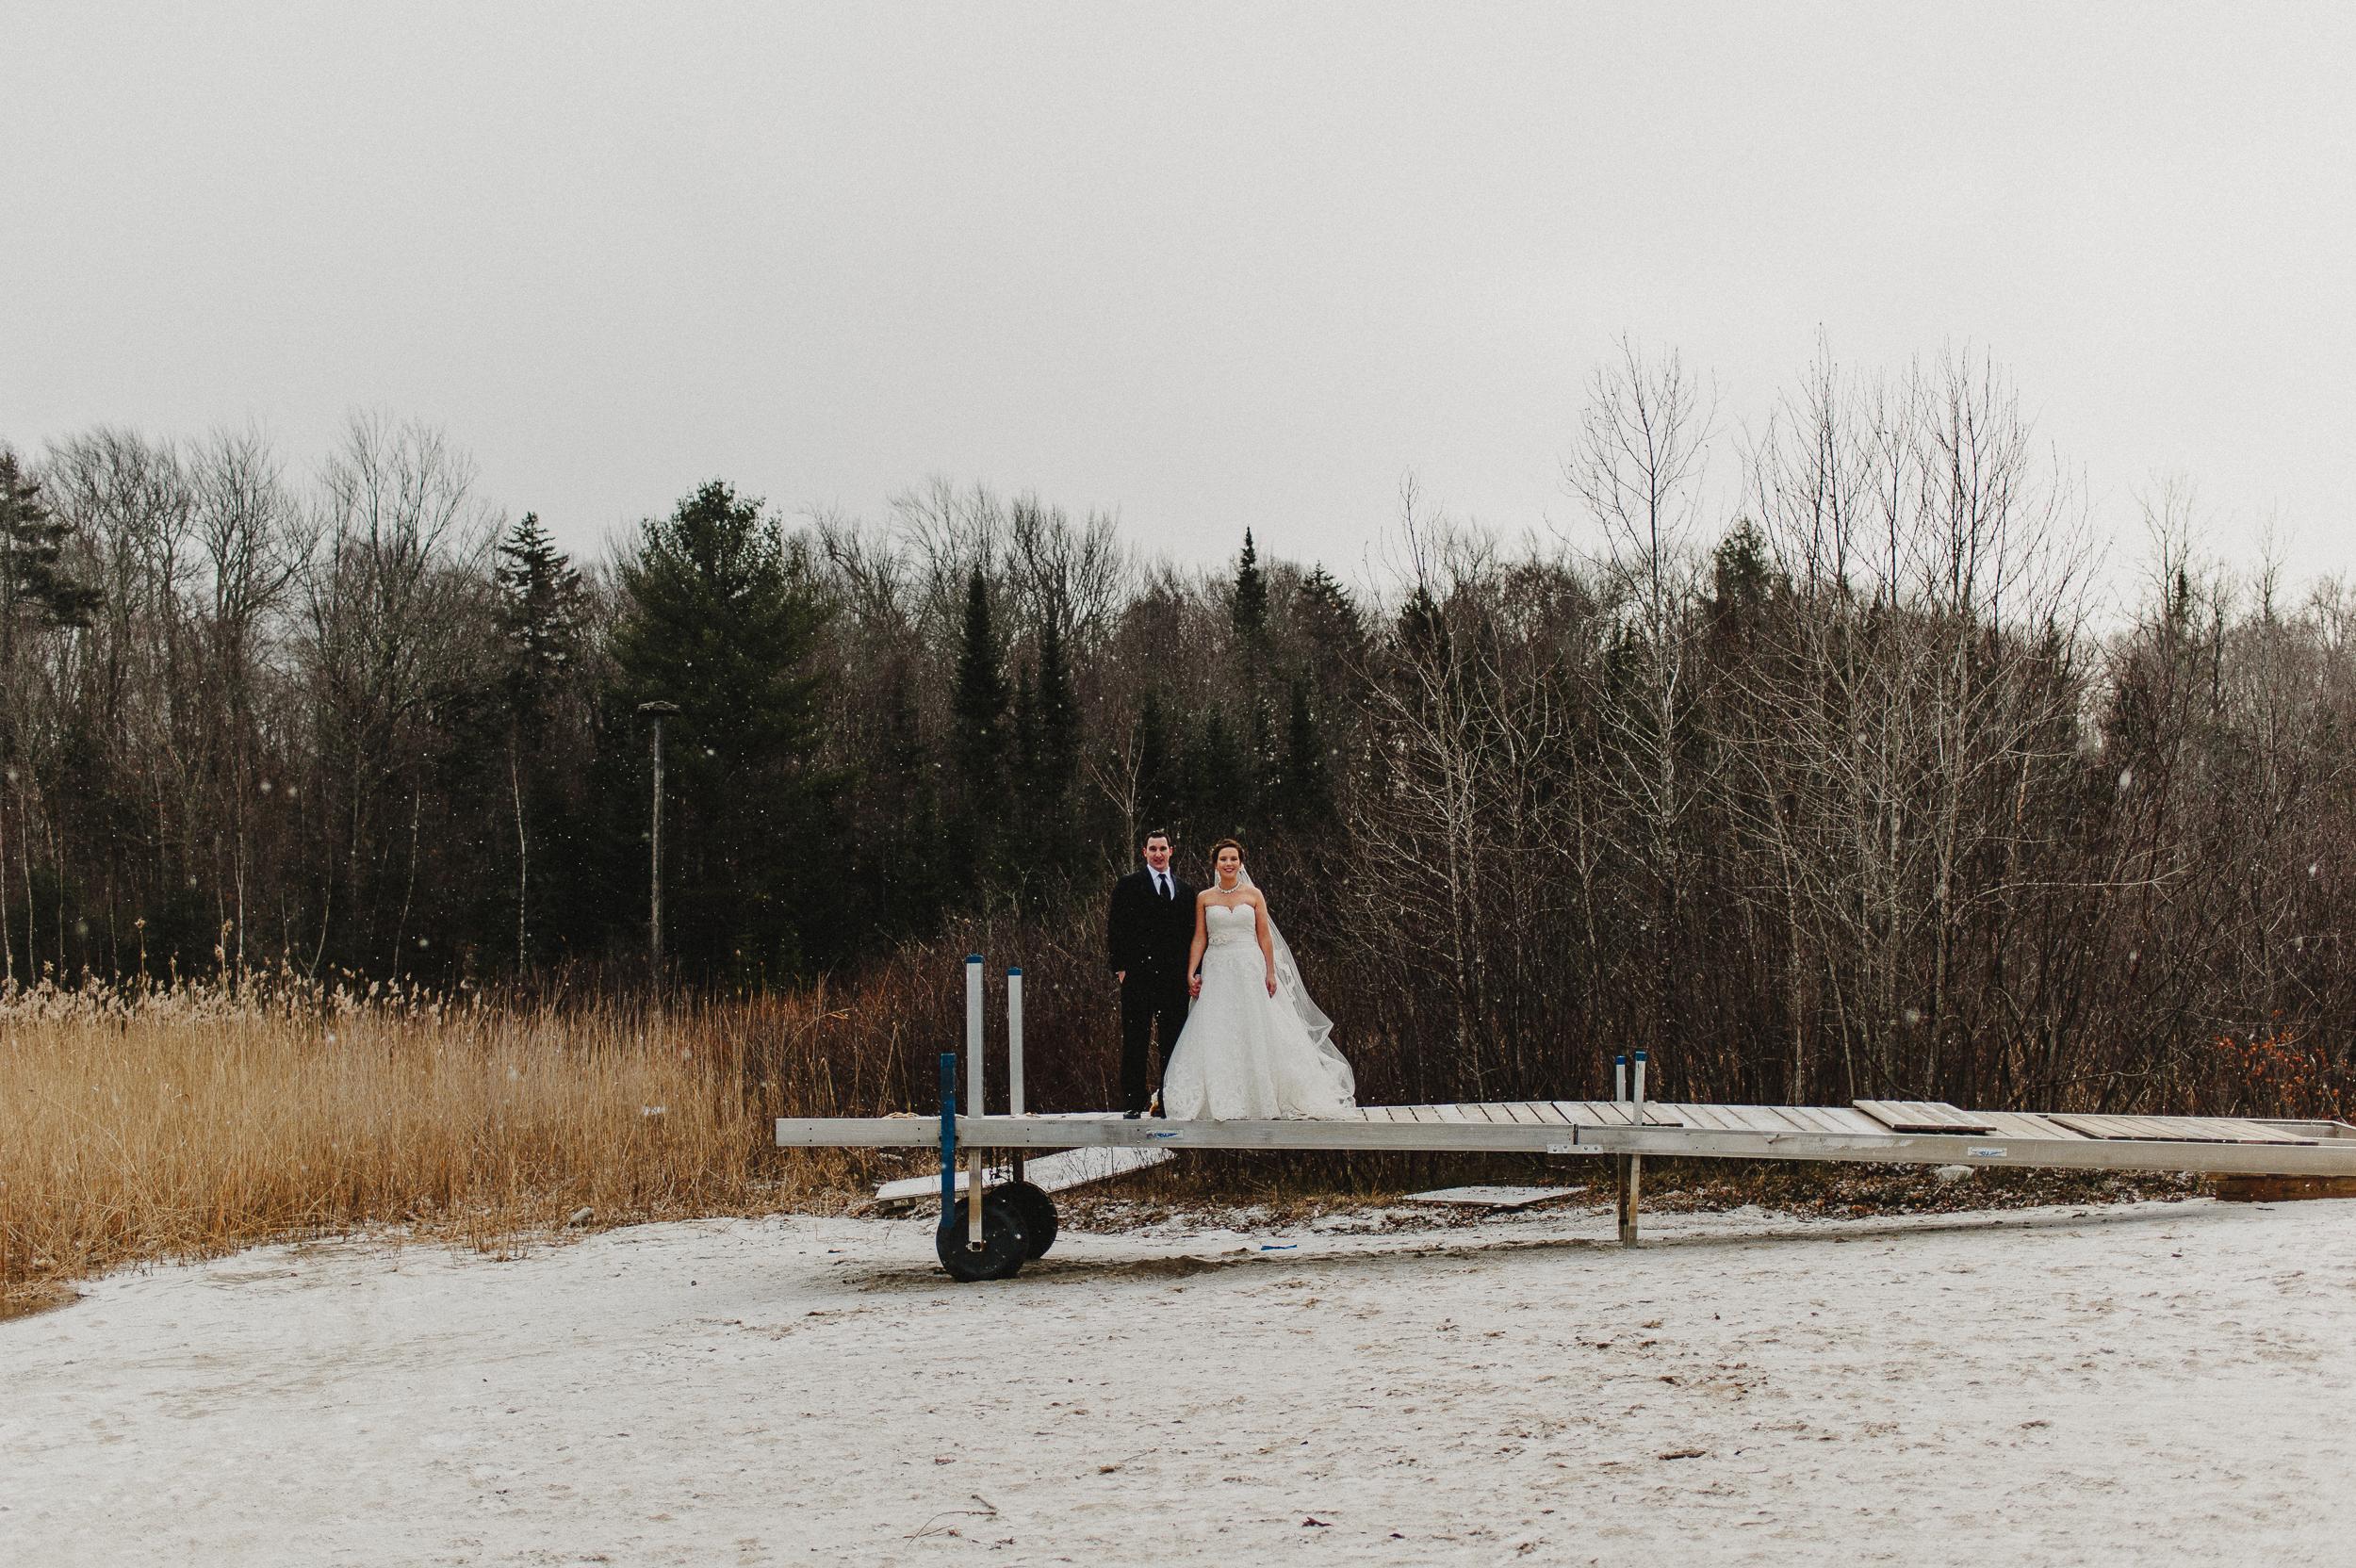 vermont-destination-wedding-photographer-36.jpg